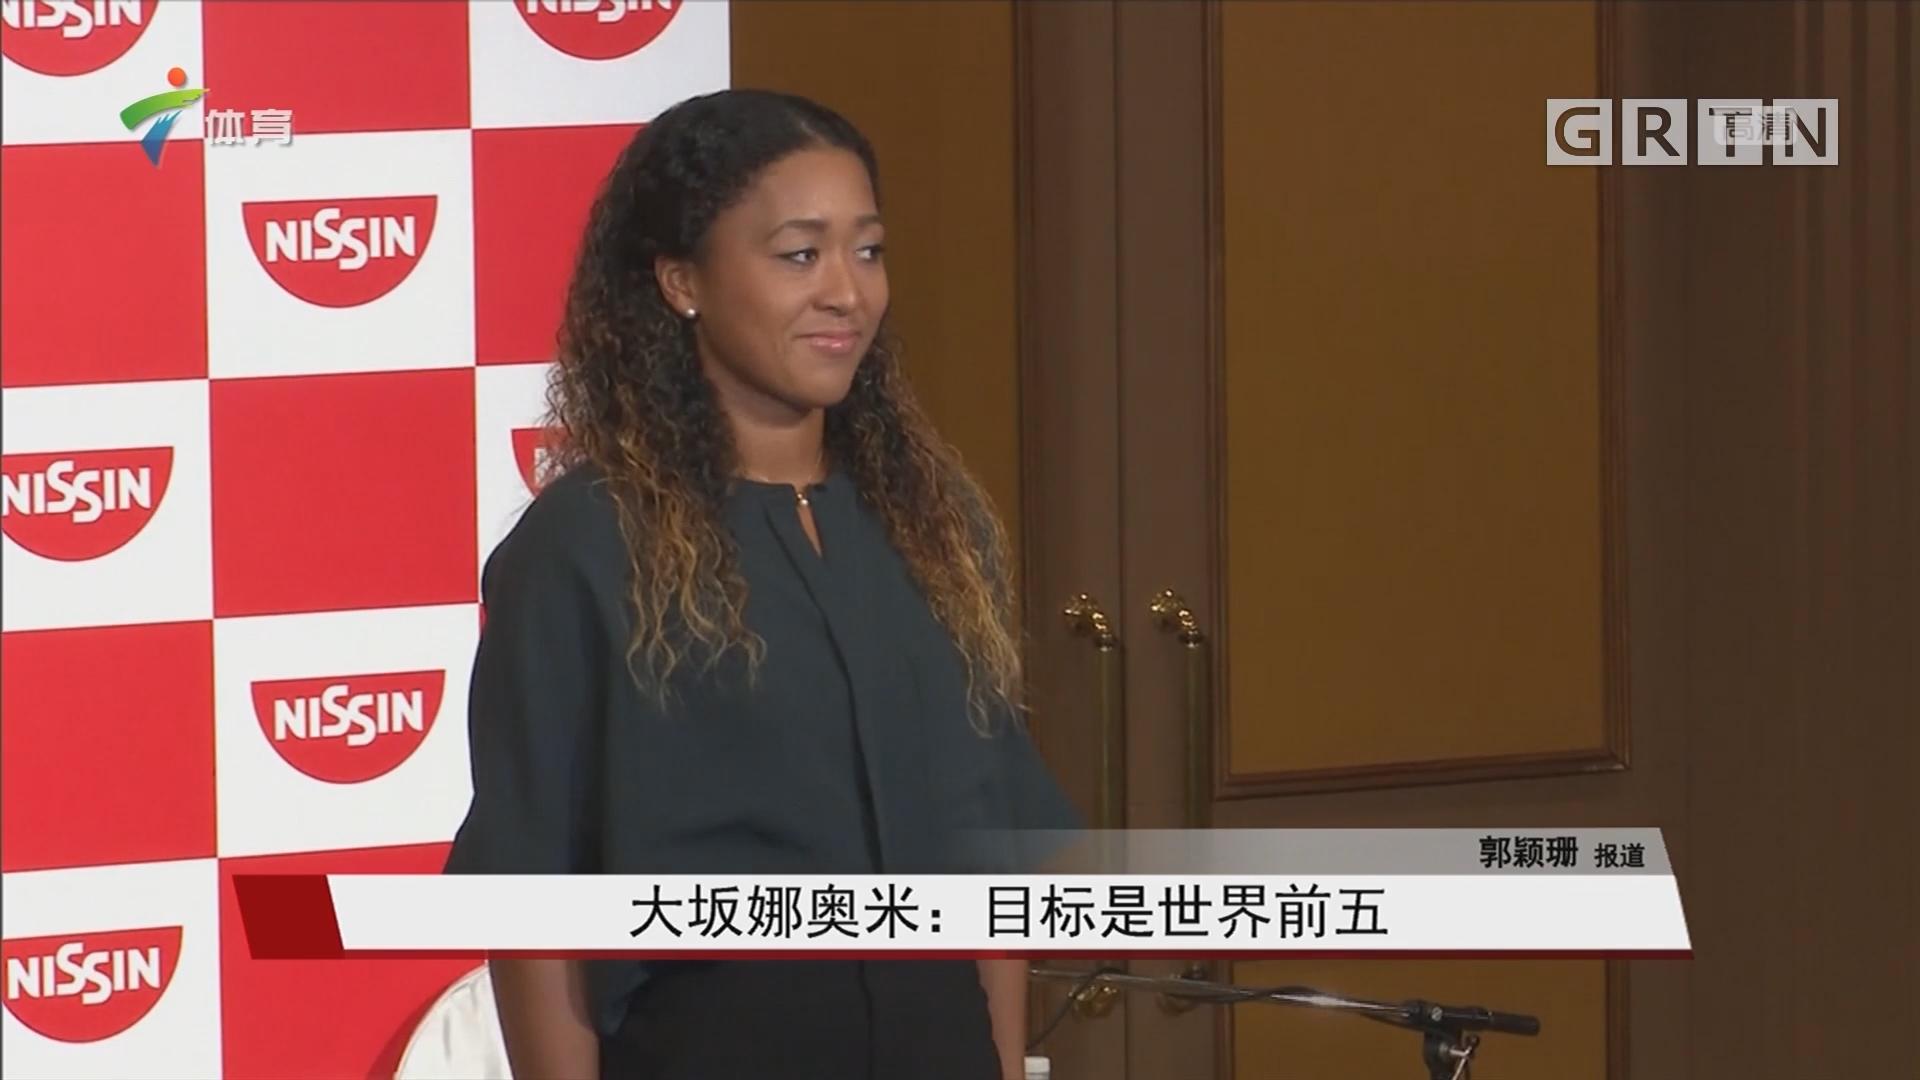 大阪娜奥米:目标是世界前五